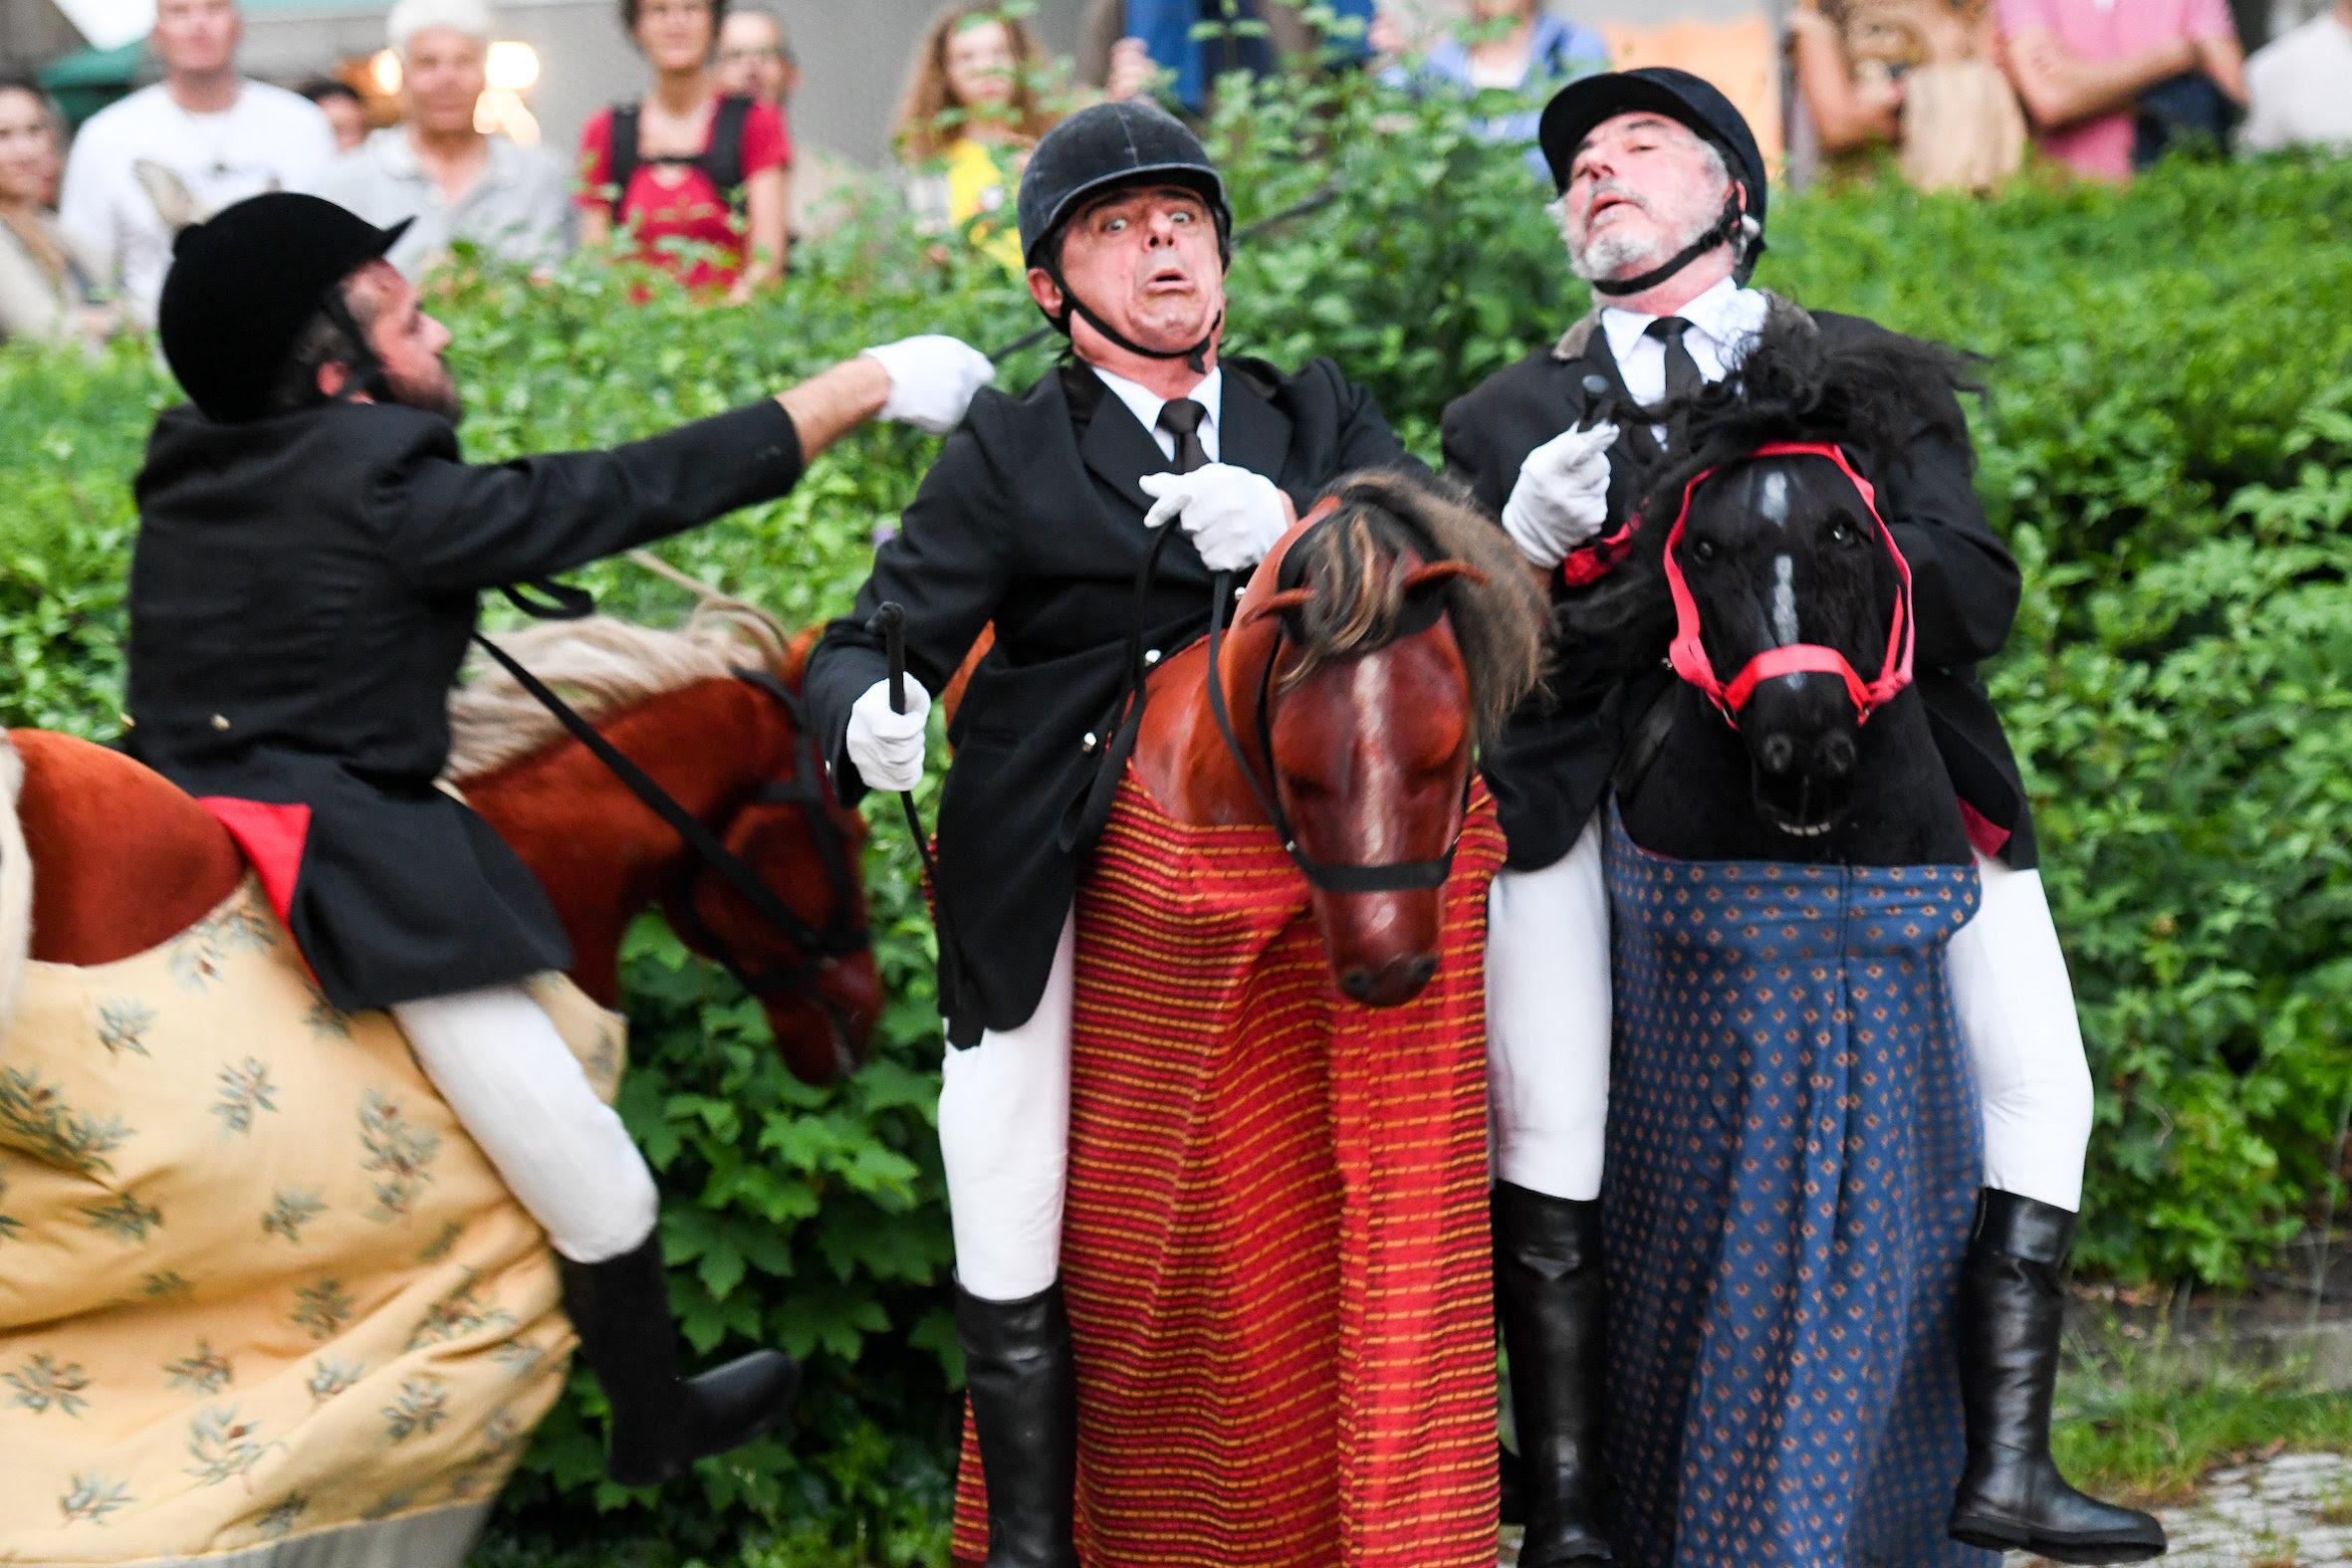 Straßenkunst im Galopp - Die Horsemen von Les Goulus aus Frankreich waren nur eine der zahlreichen faszinierenden Straßentheater-Shows.